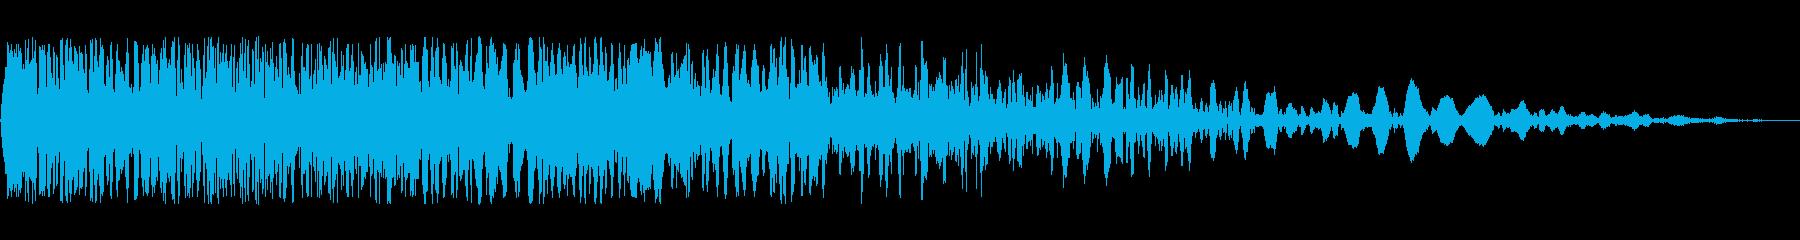 フランジングフーザディゾルブ2の再生済みの波形